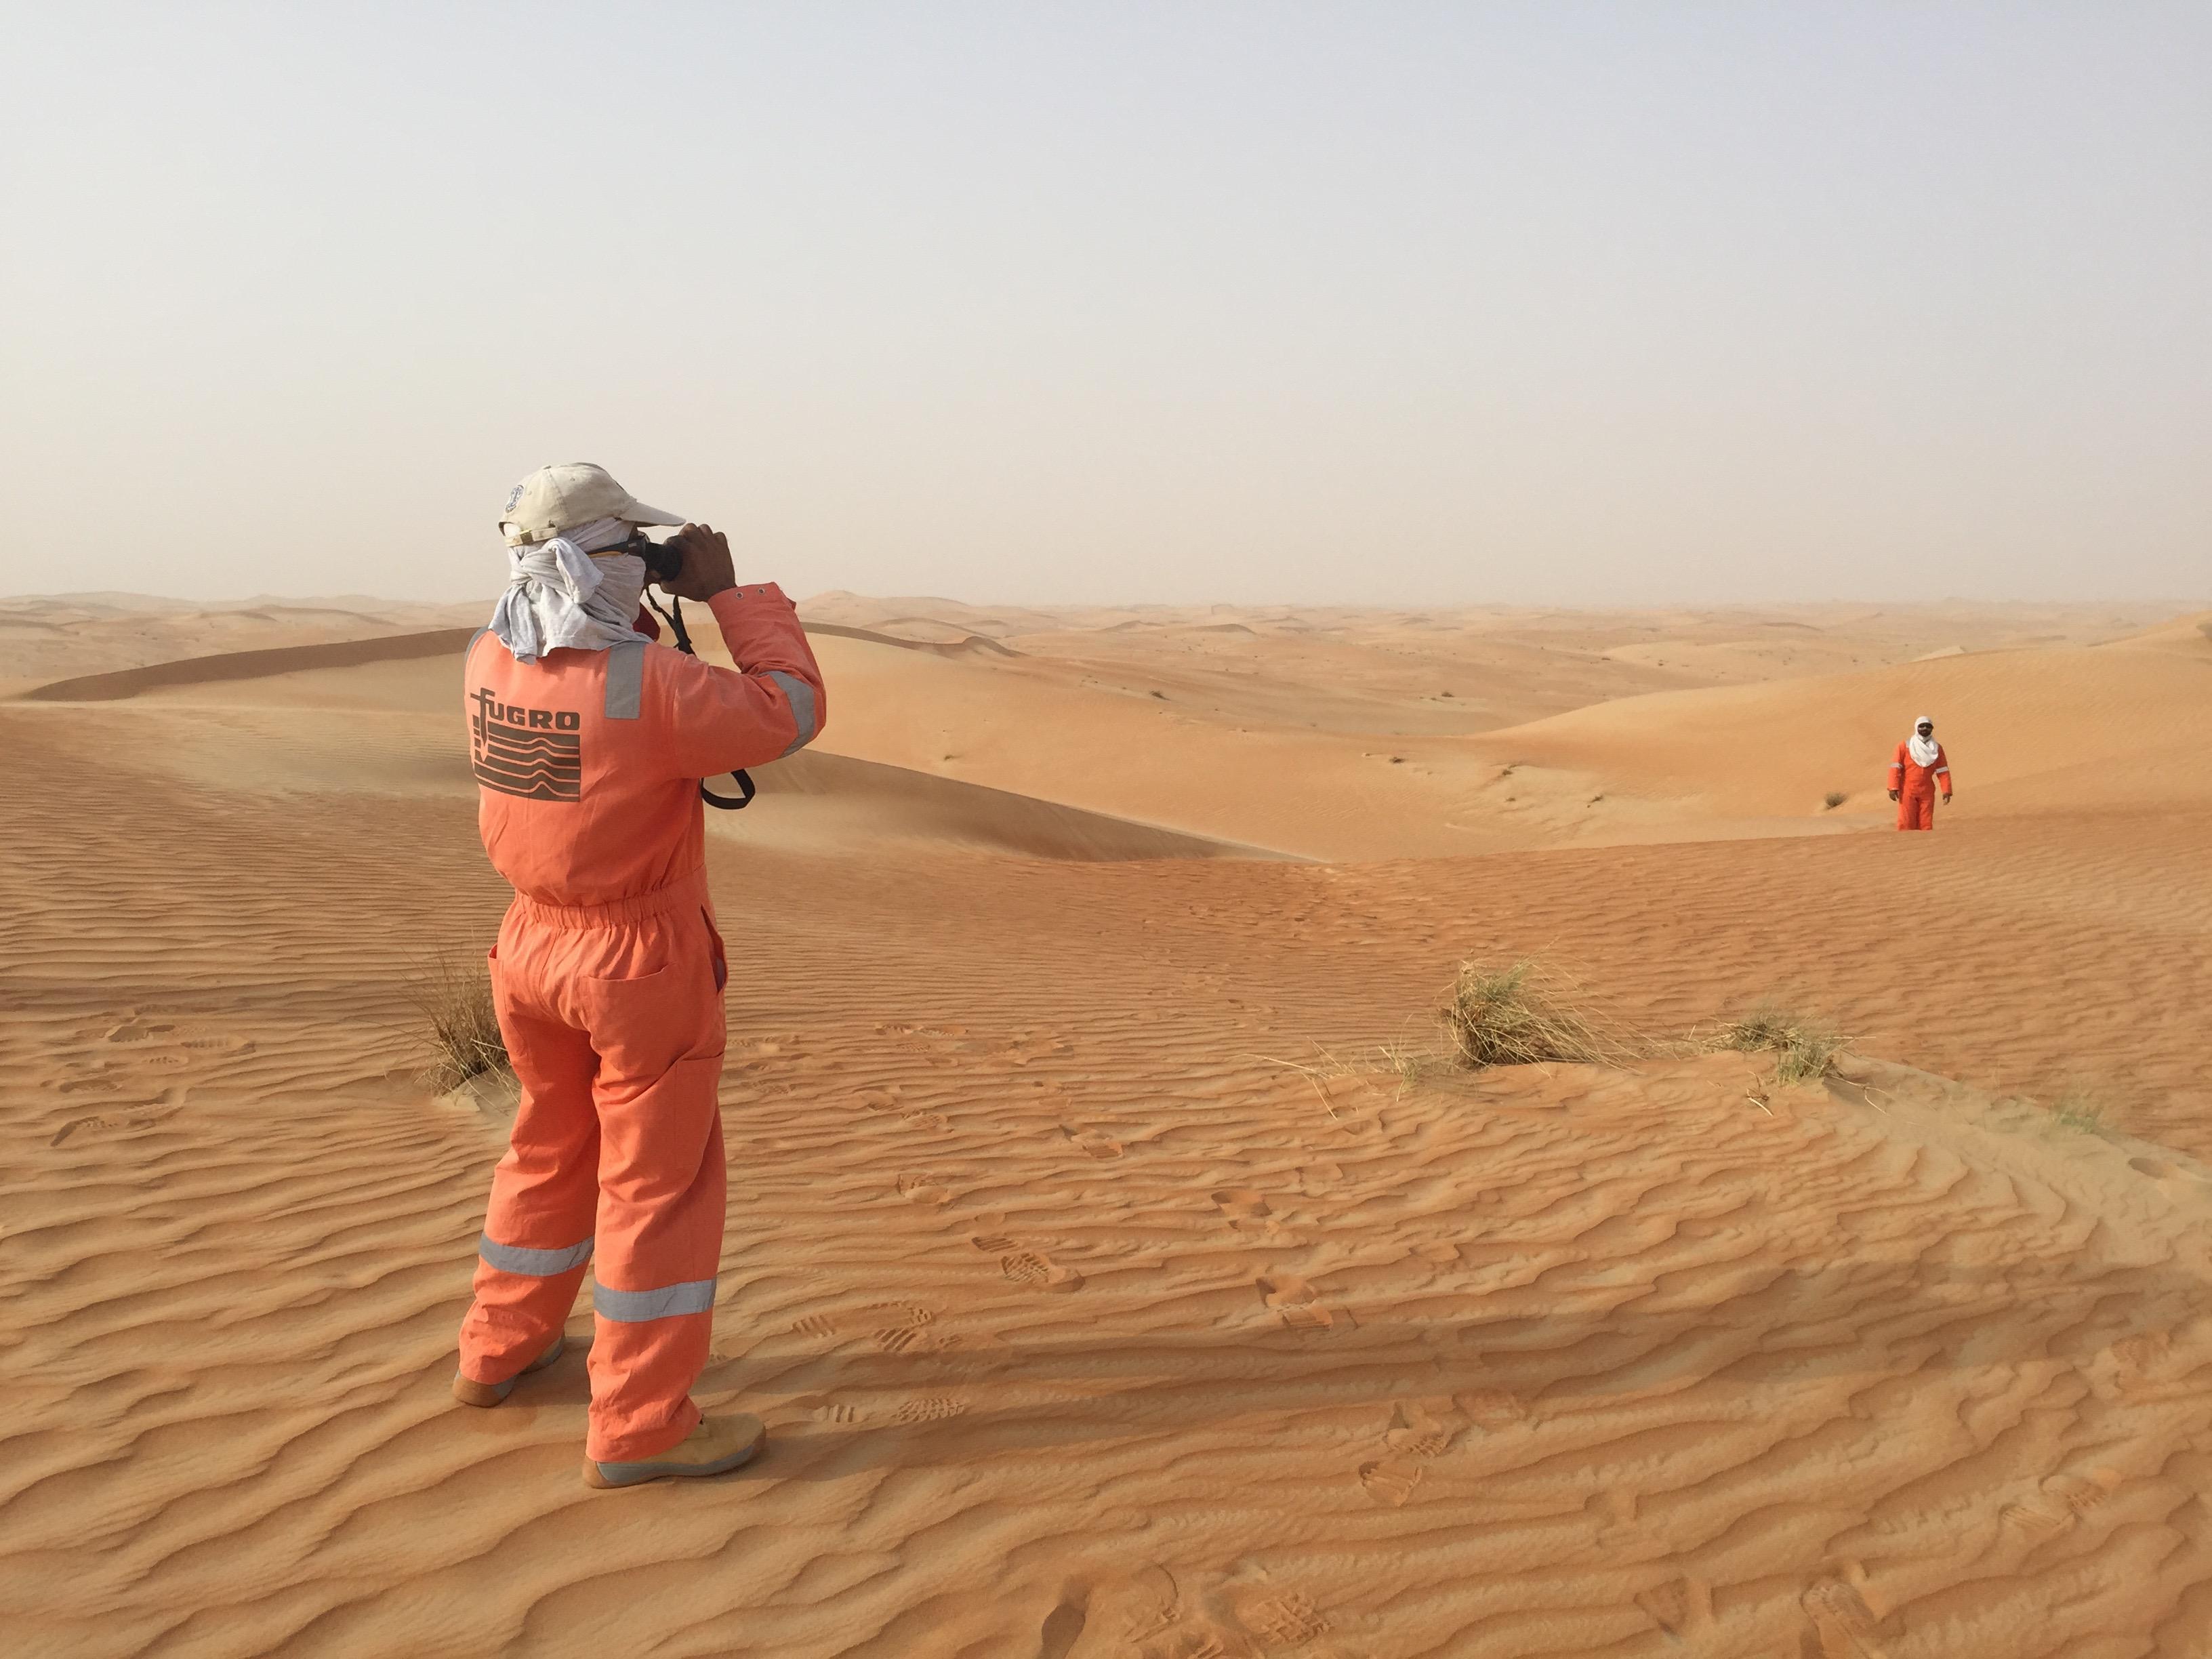 Vermessung-Abu-Dabi-Wüste-Referenz-1020